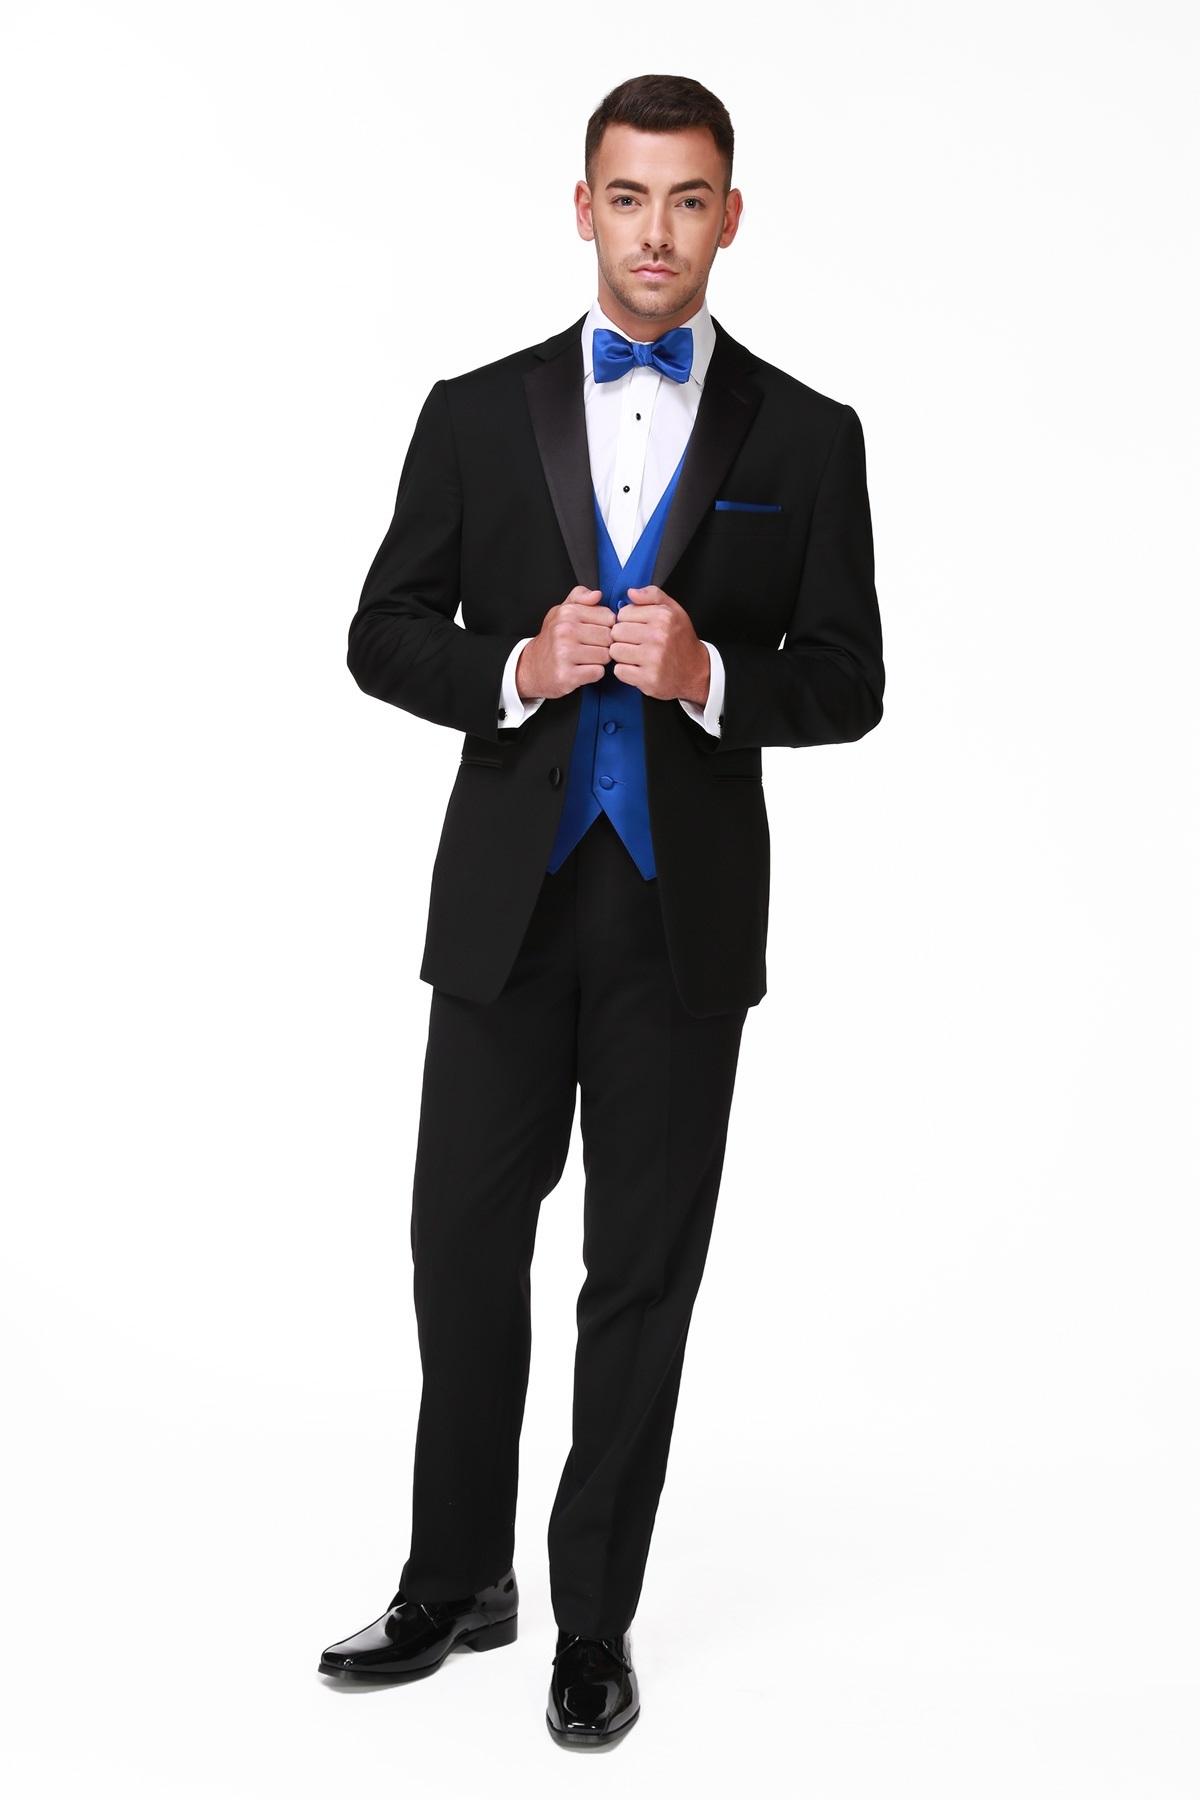 Black Ike Behar Tuxedo Picture Of Parker